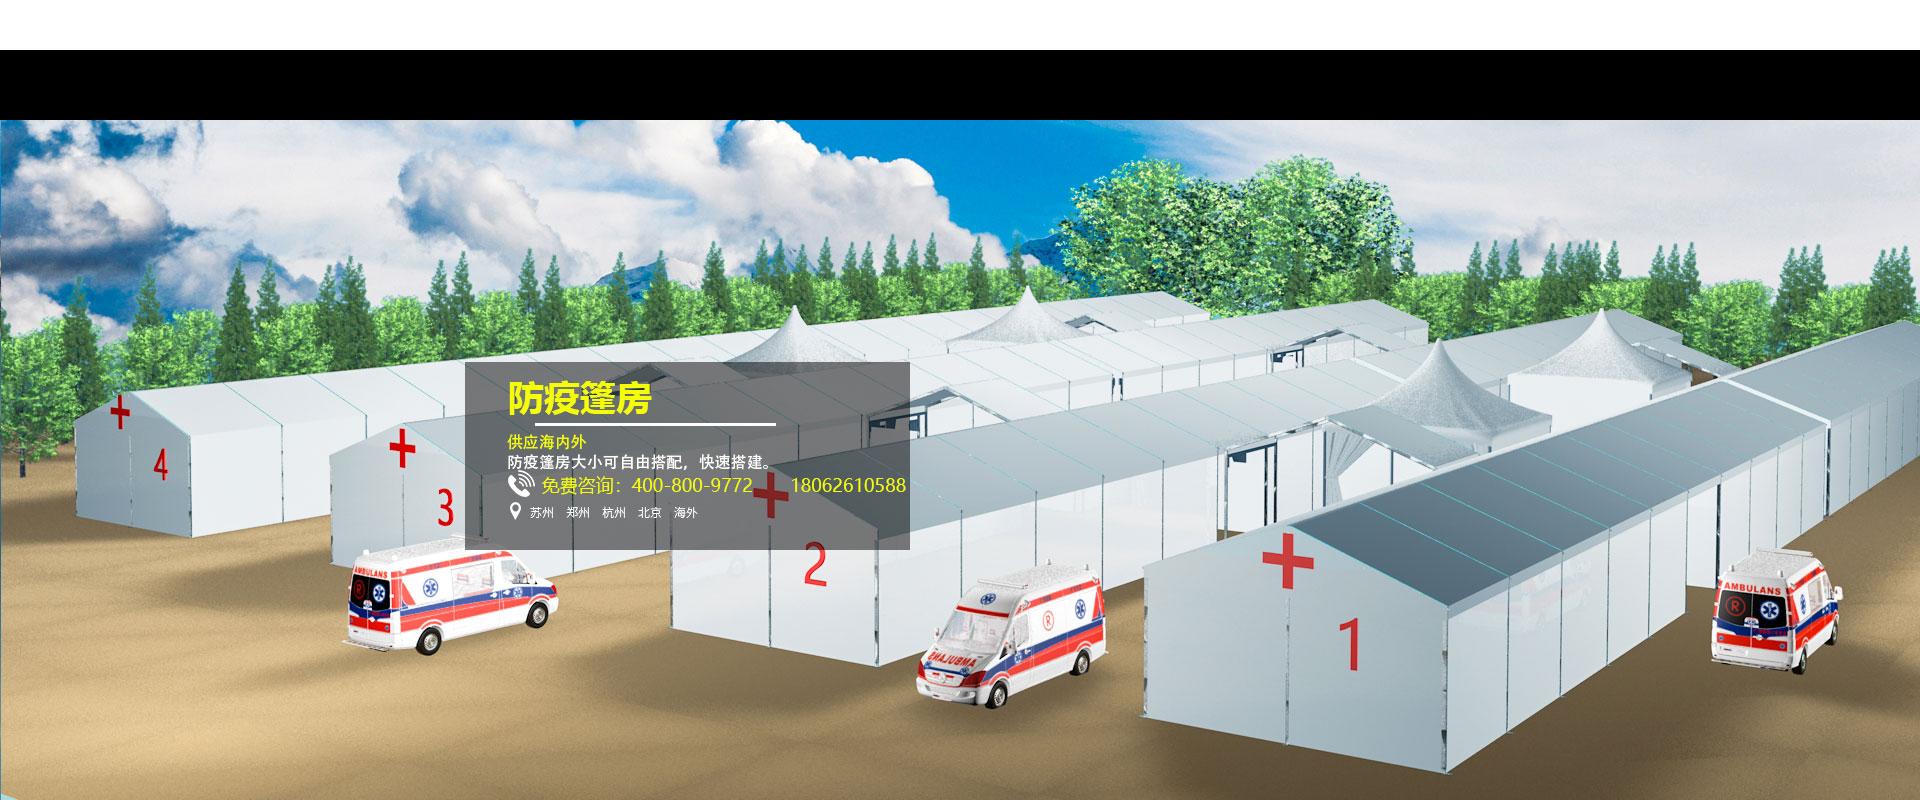 防疫篷房威斯伯特铝合金PVC检疫棚房